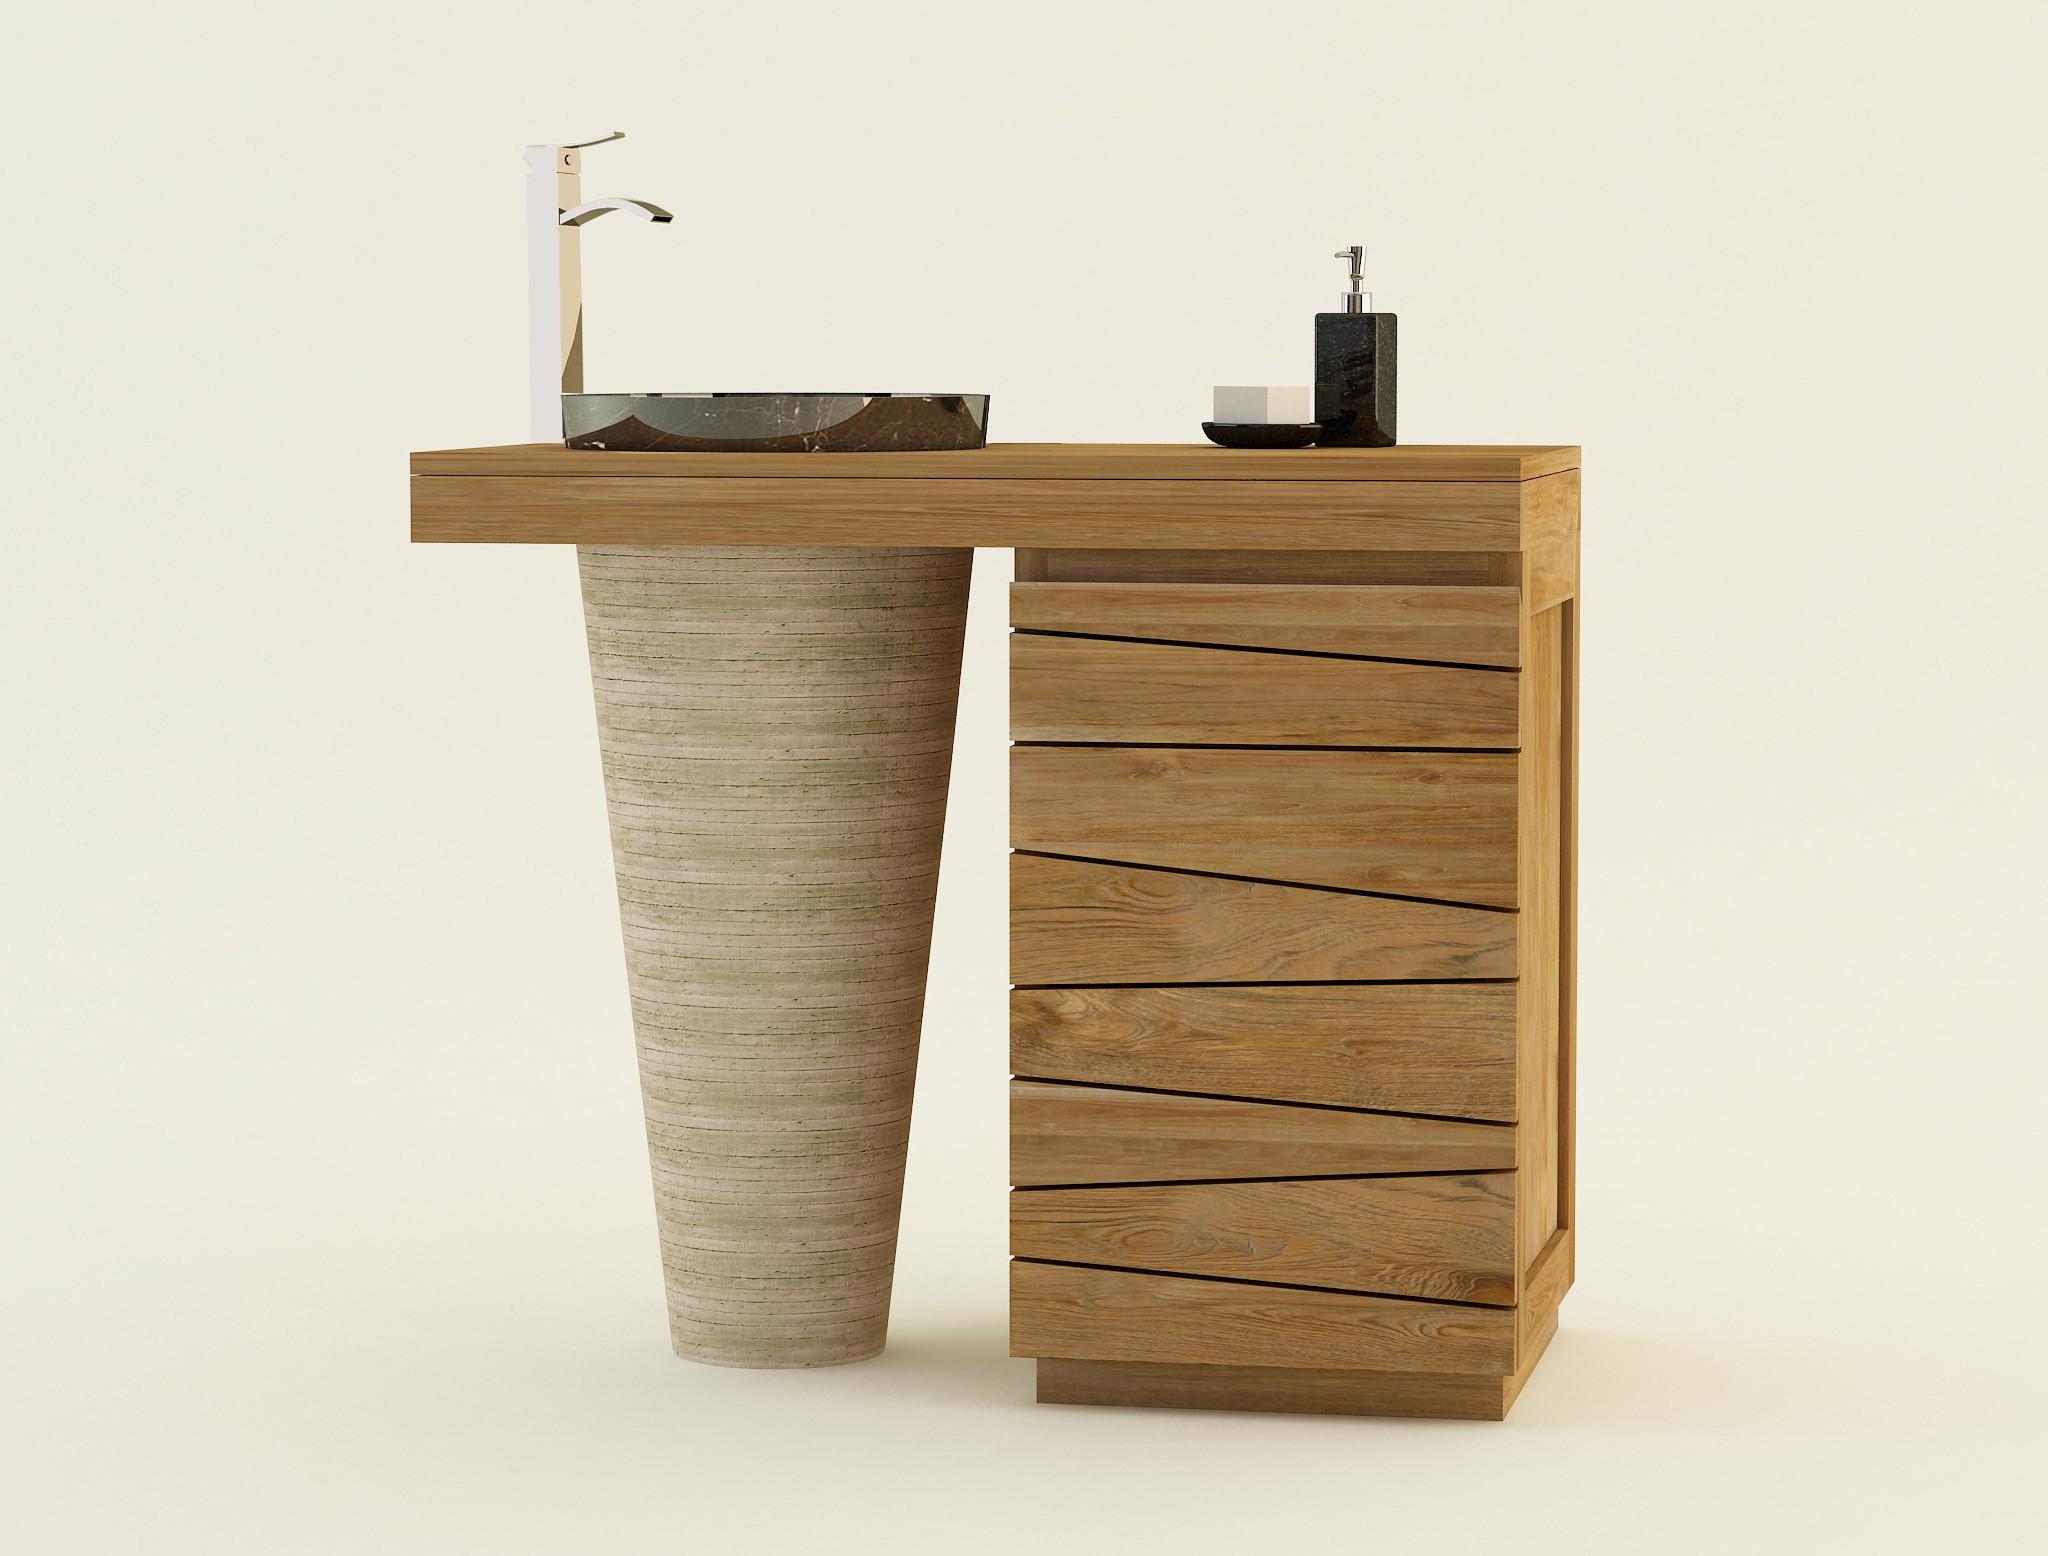 Meuble bois teck salle de bain à simple vasque marbre TIMARE Kayumanis